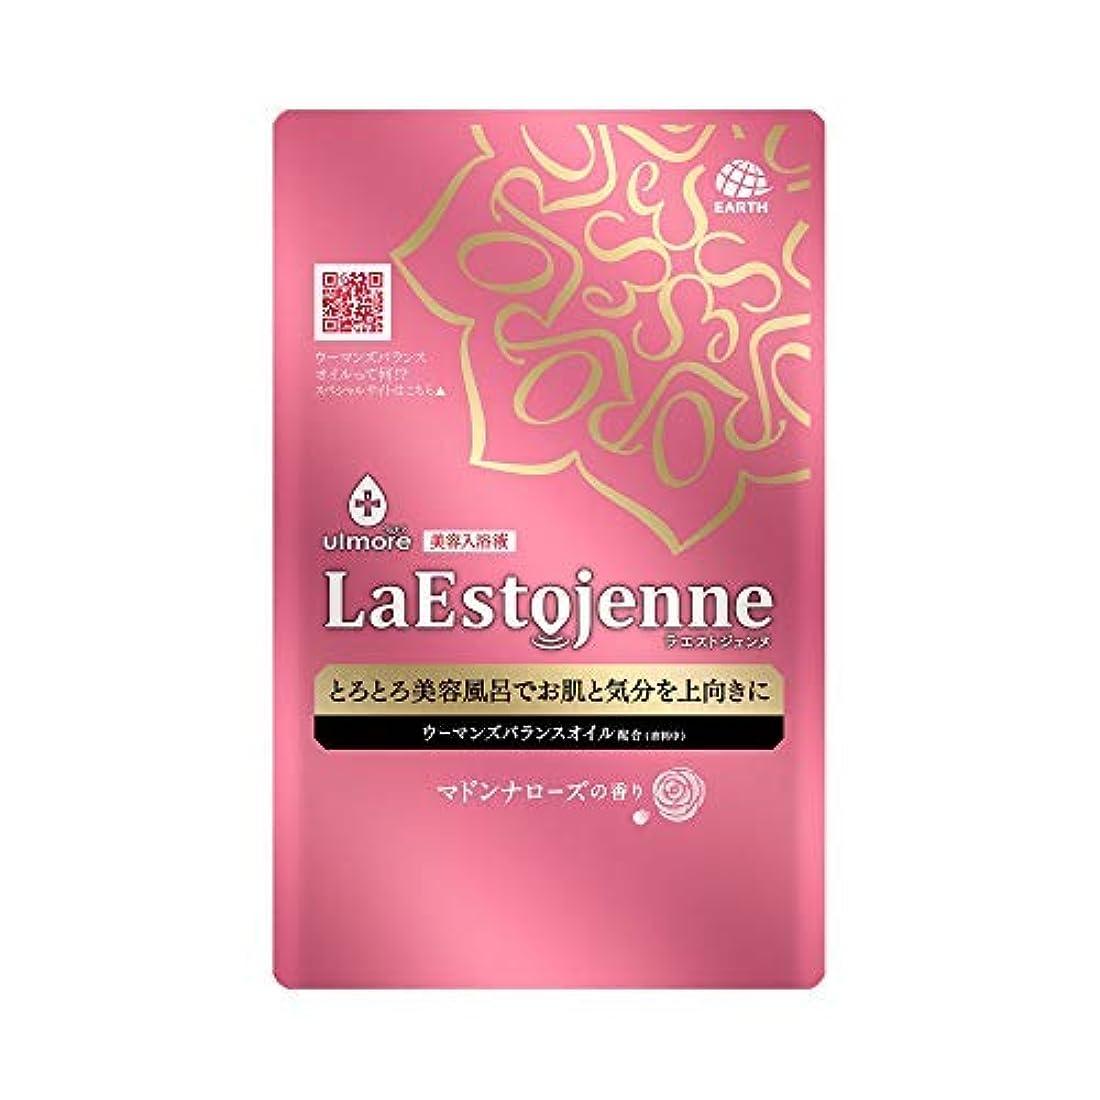 軽量ハシー会社ウルモア ラエストジェンヌ マドンナローズの香り 1包 × 8個セット